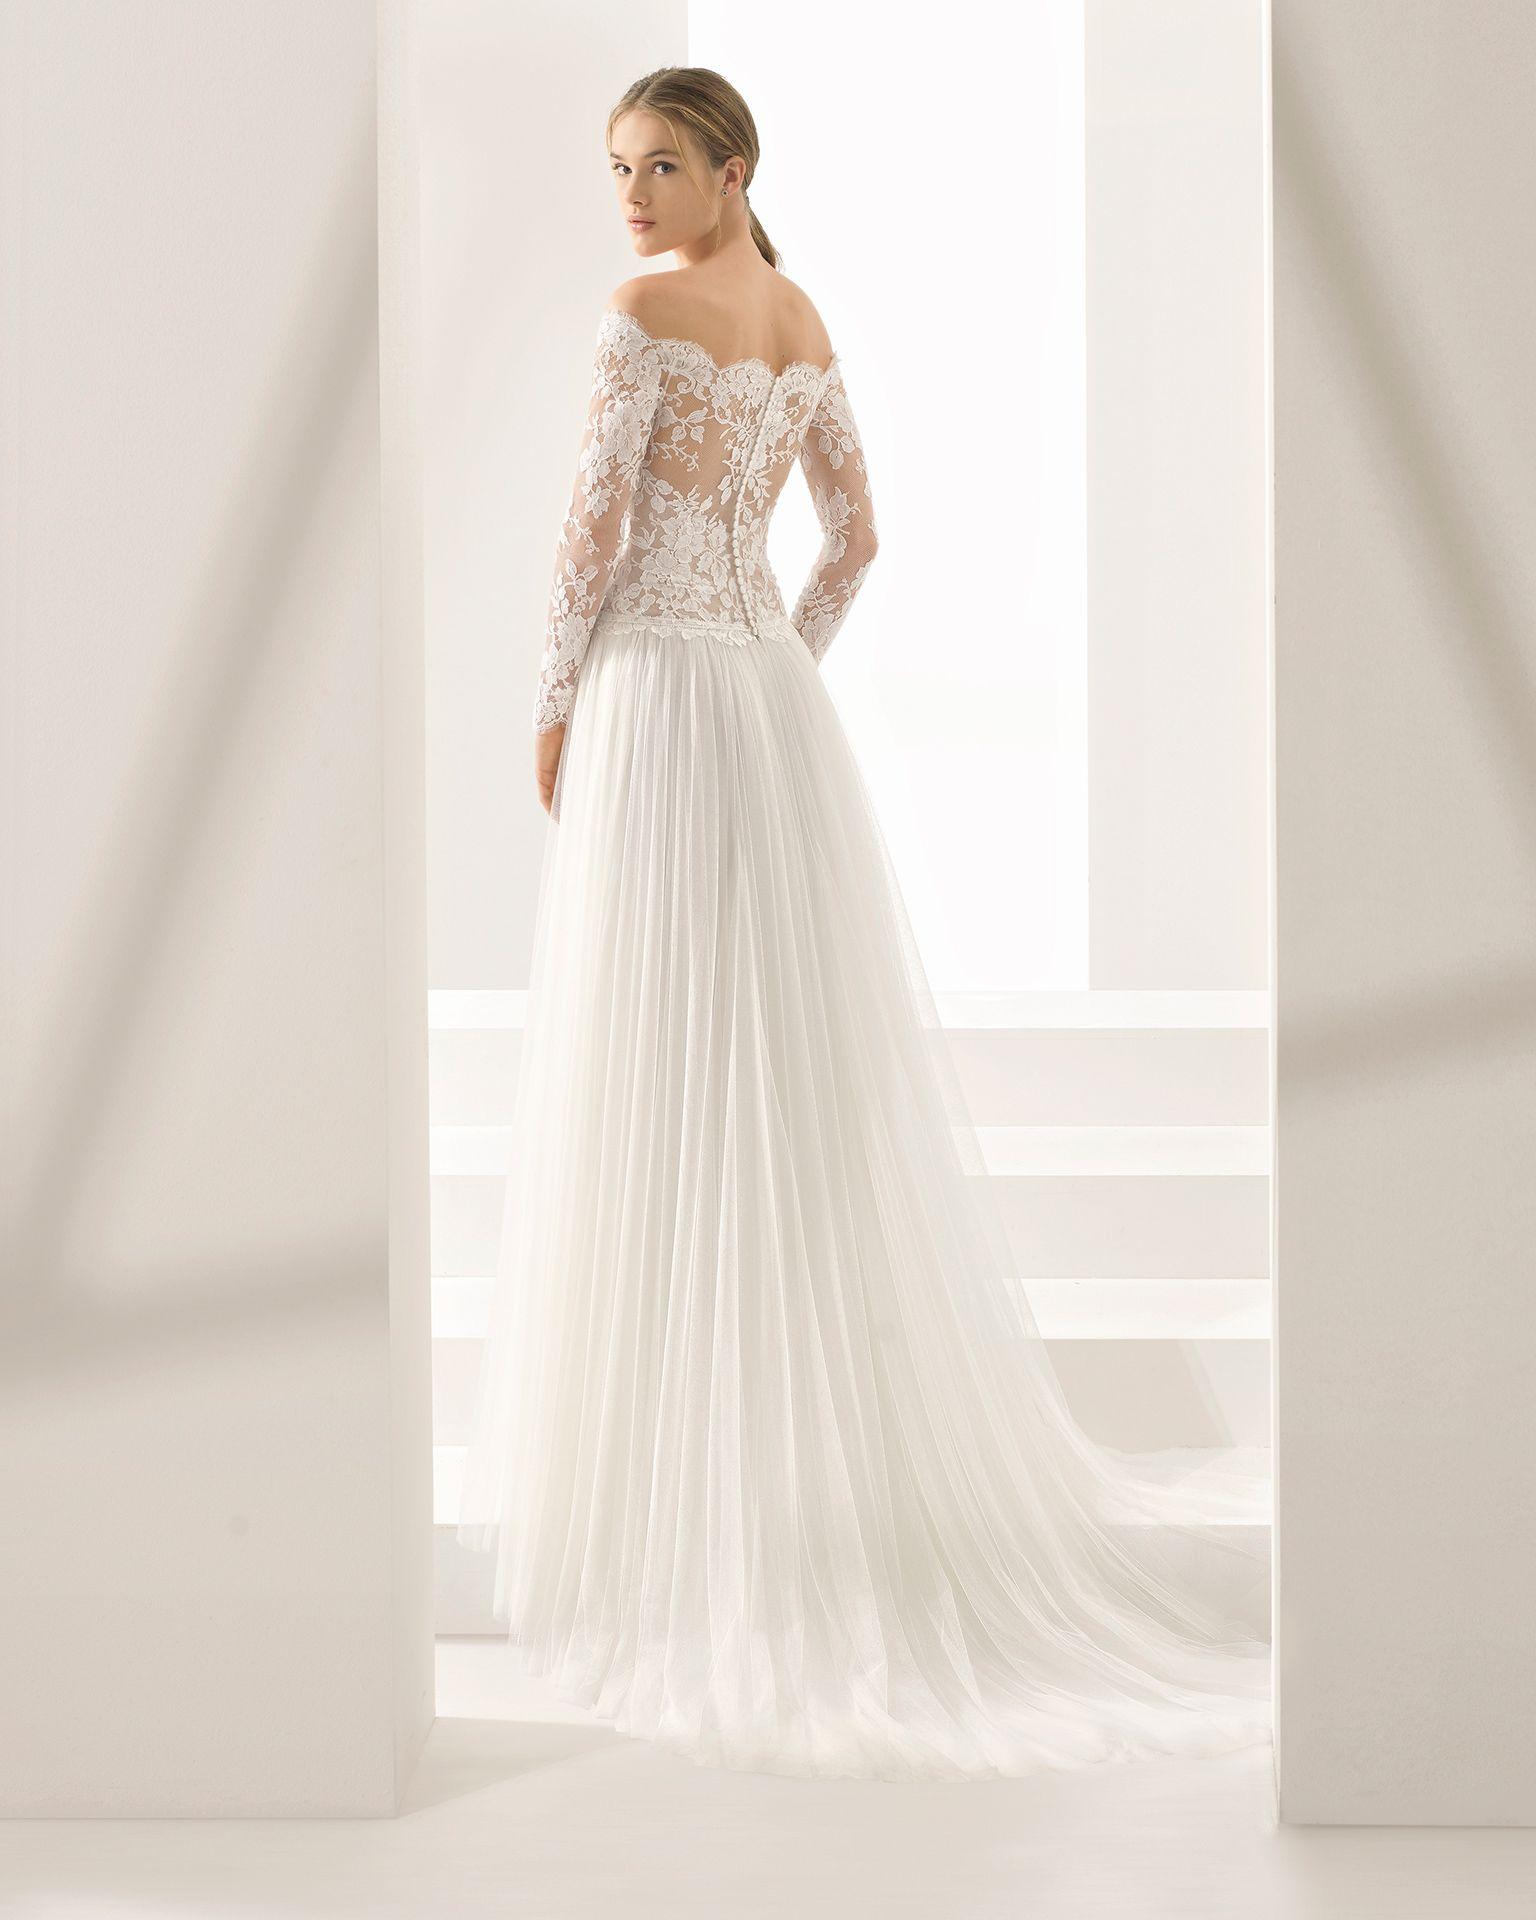 Abiti Da Sposa Nuova Collezione 2018.Paloma Sposa 2018 Collezione Rosa Clara Couture Nel 2020